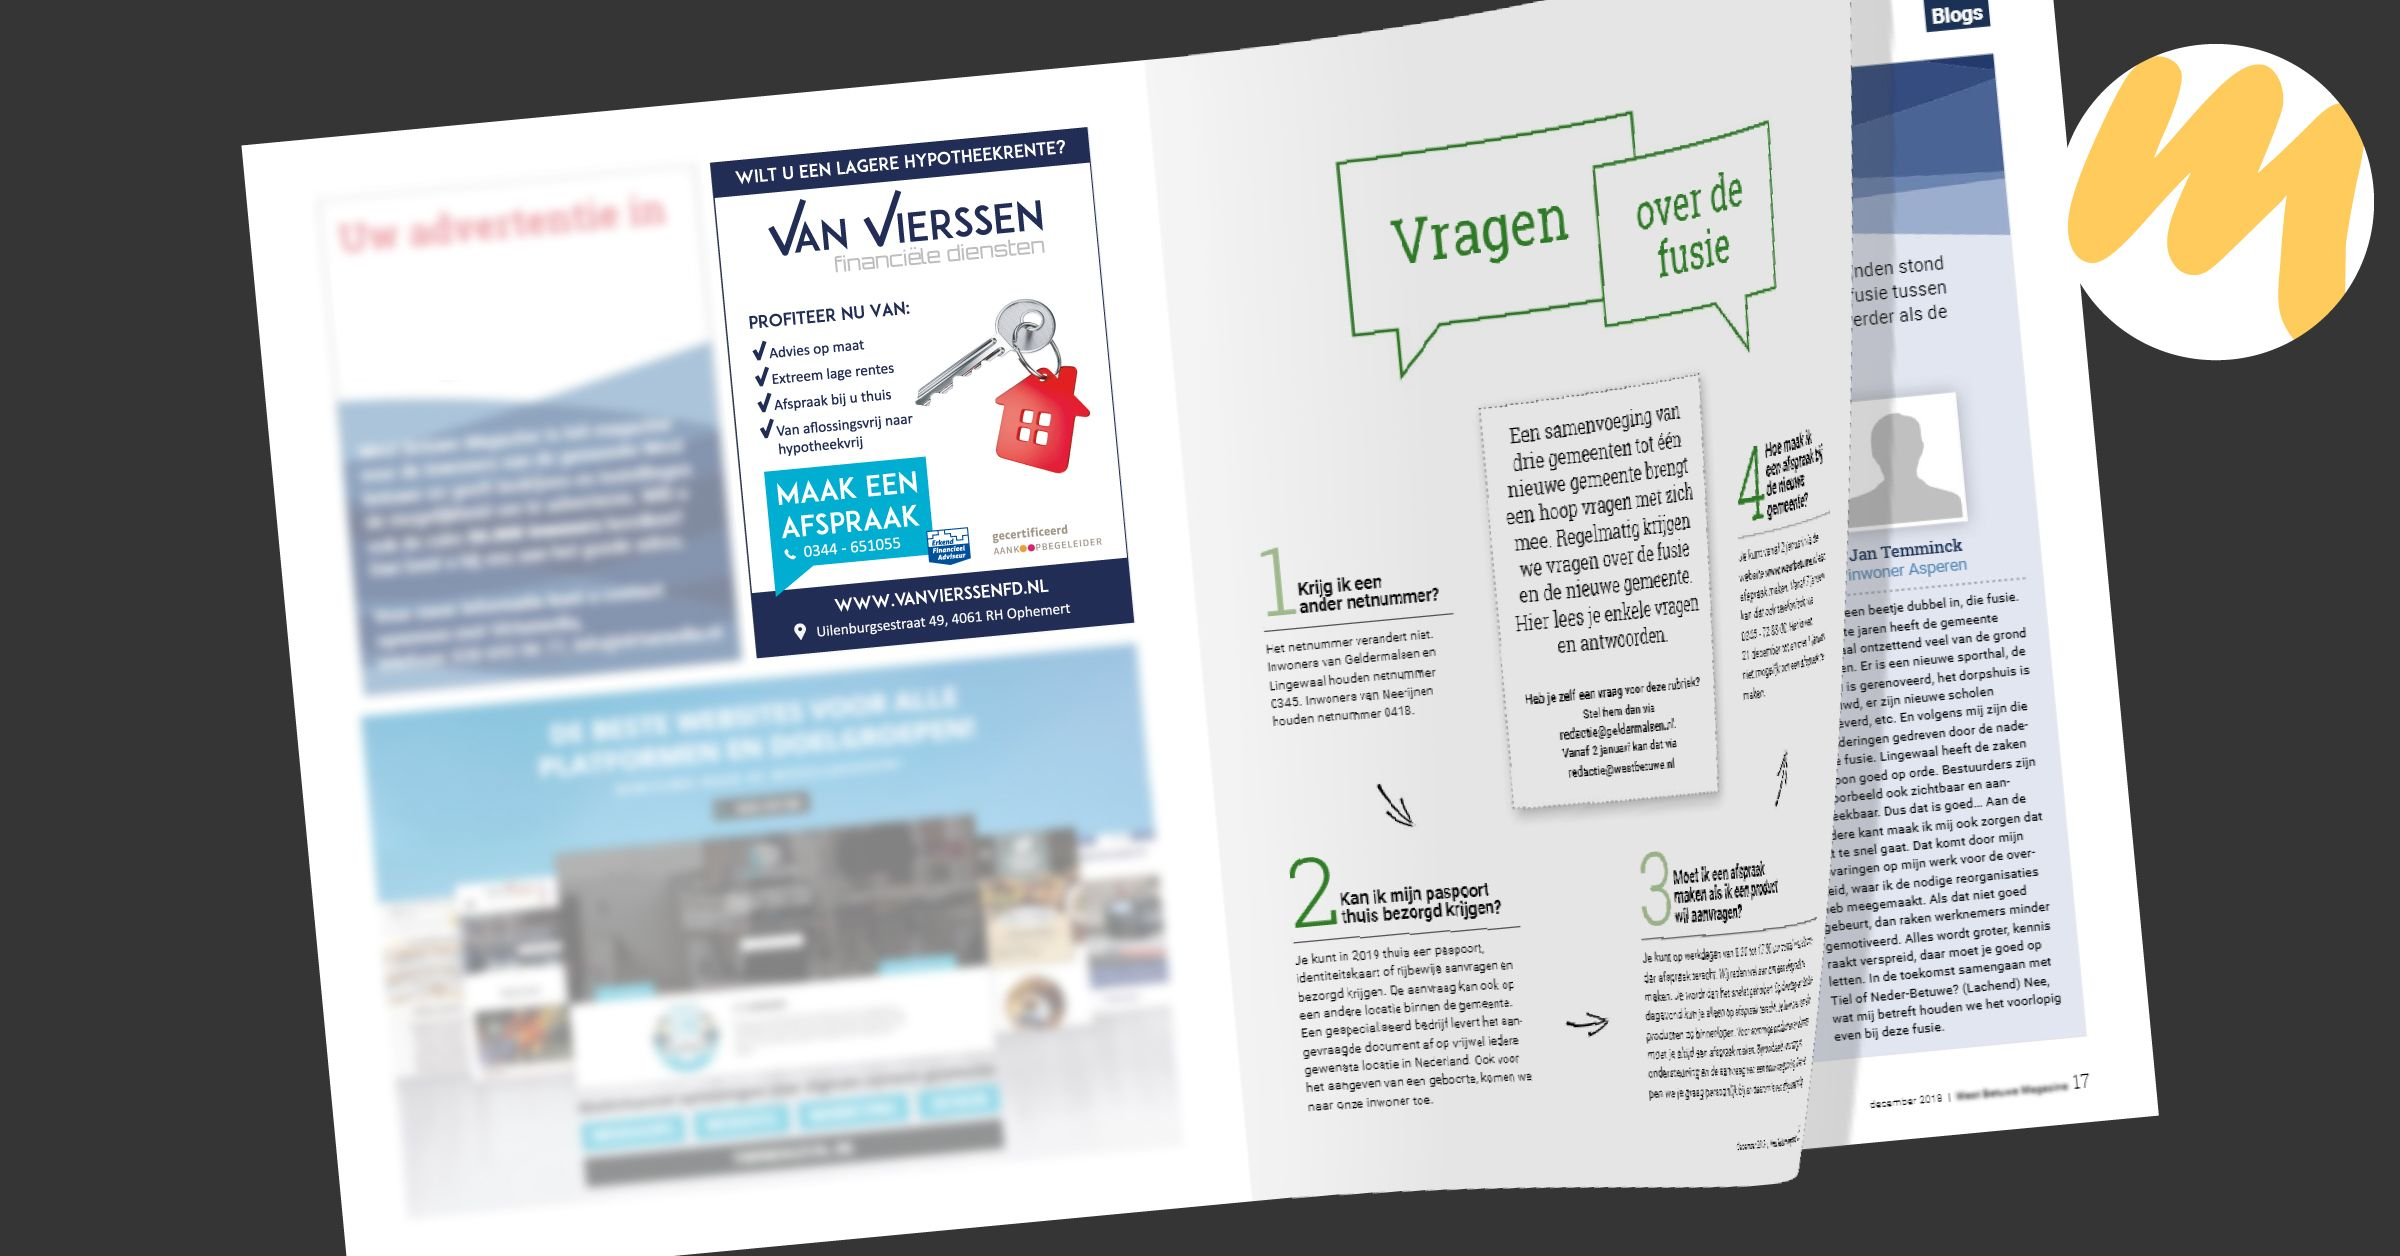 Van Vierssen Financiële Diensten | Advertentie magazine door Esmy Media Design voor al uw grafisch ontwerp te Tiel